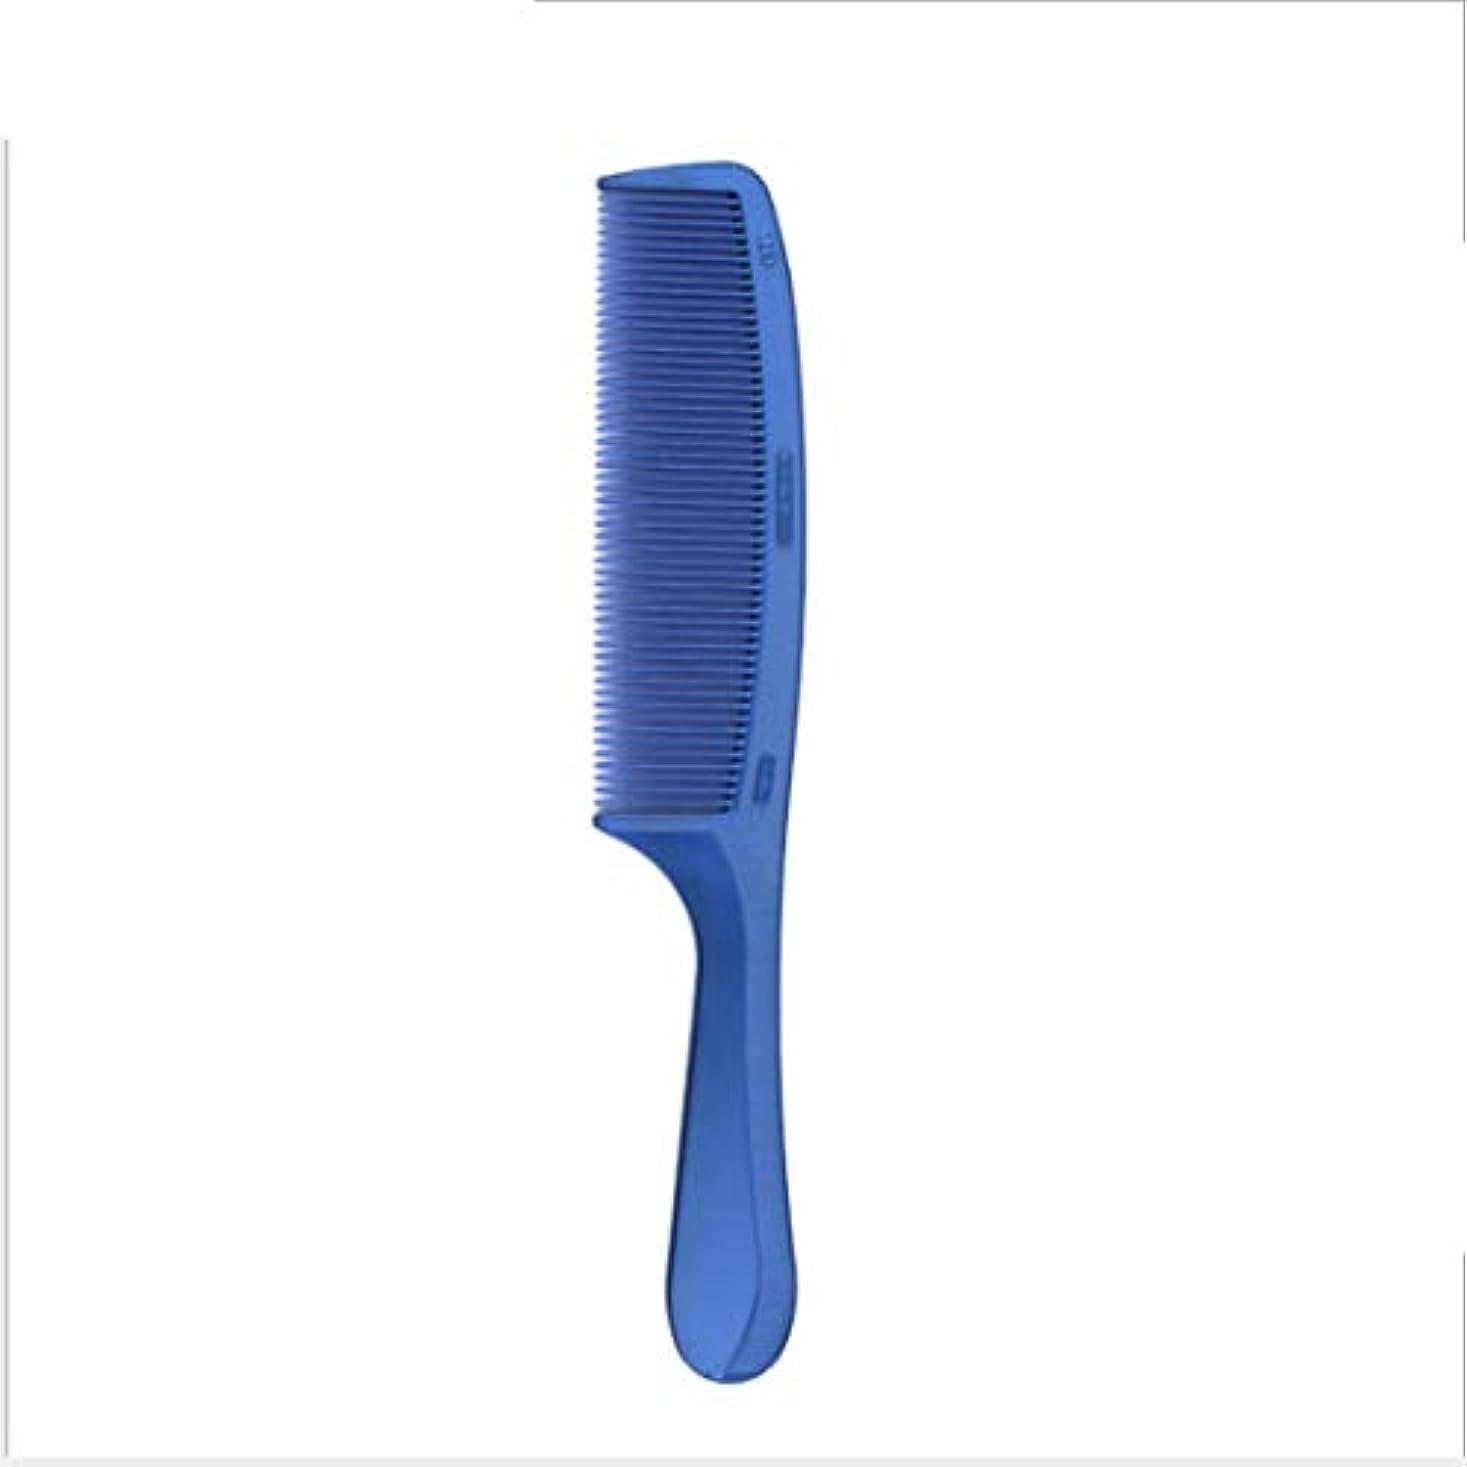 授業料チャーター変形する(メイクコーム、ナイロンコーム、フラットコーム)女性や男性のためのプラスチック製の髪の櫛静電気防止髪カット特別な櫛ナチュラルカラーブルー ヘアケア (サイズ : 128)